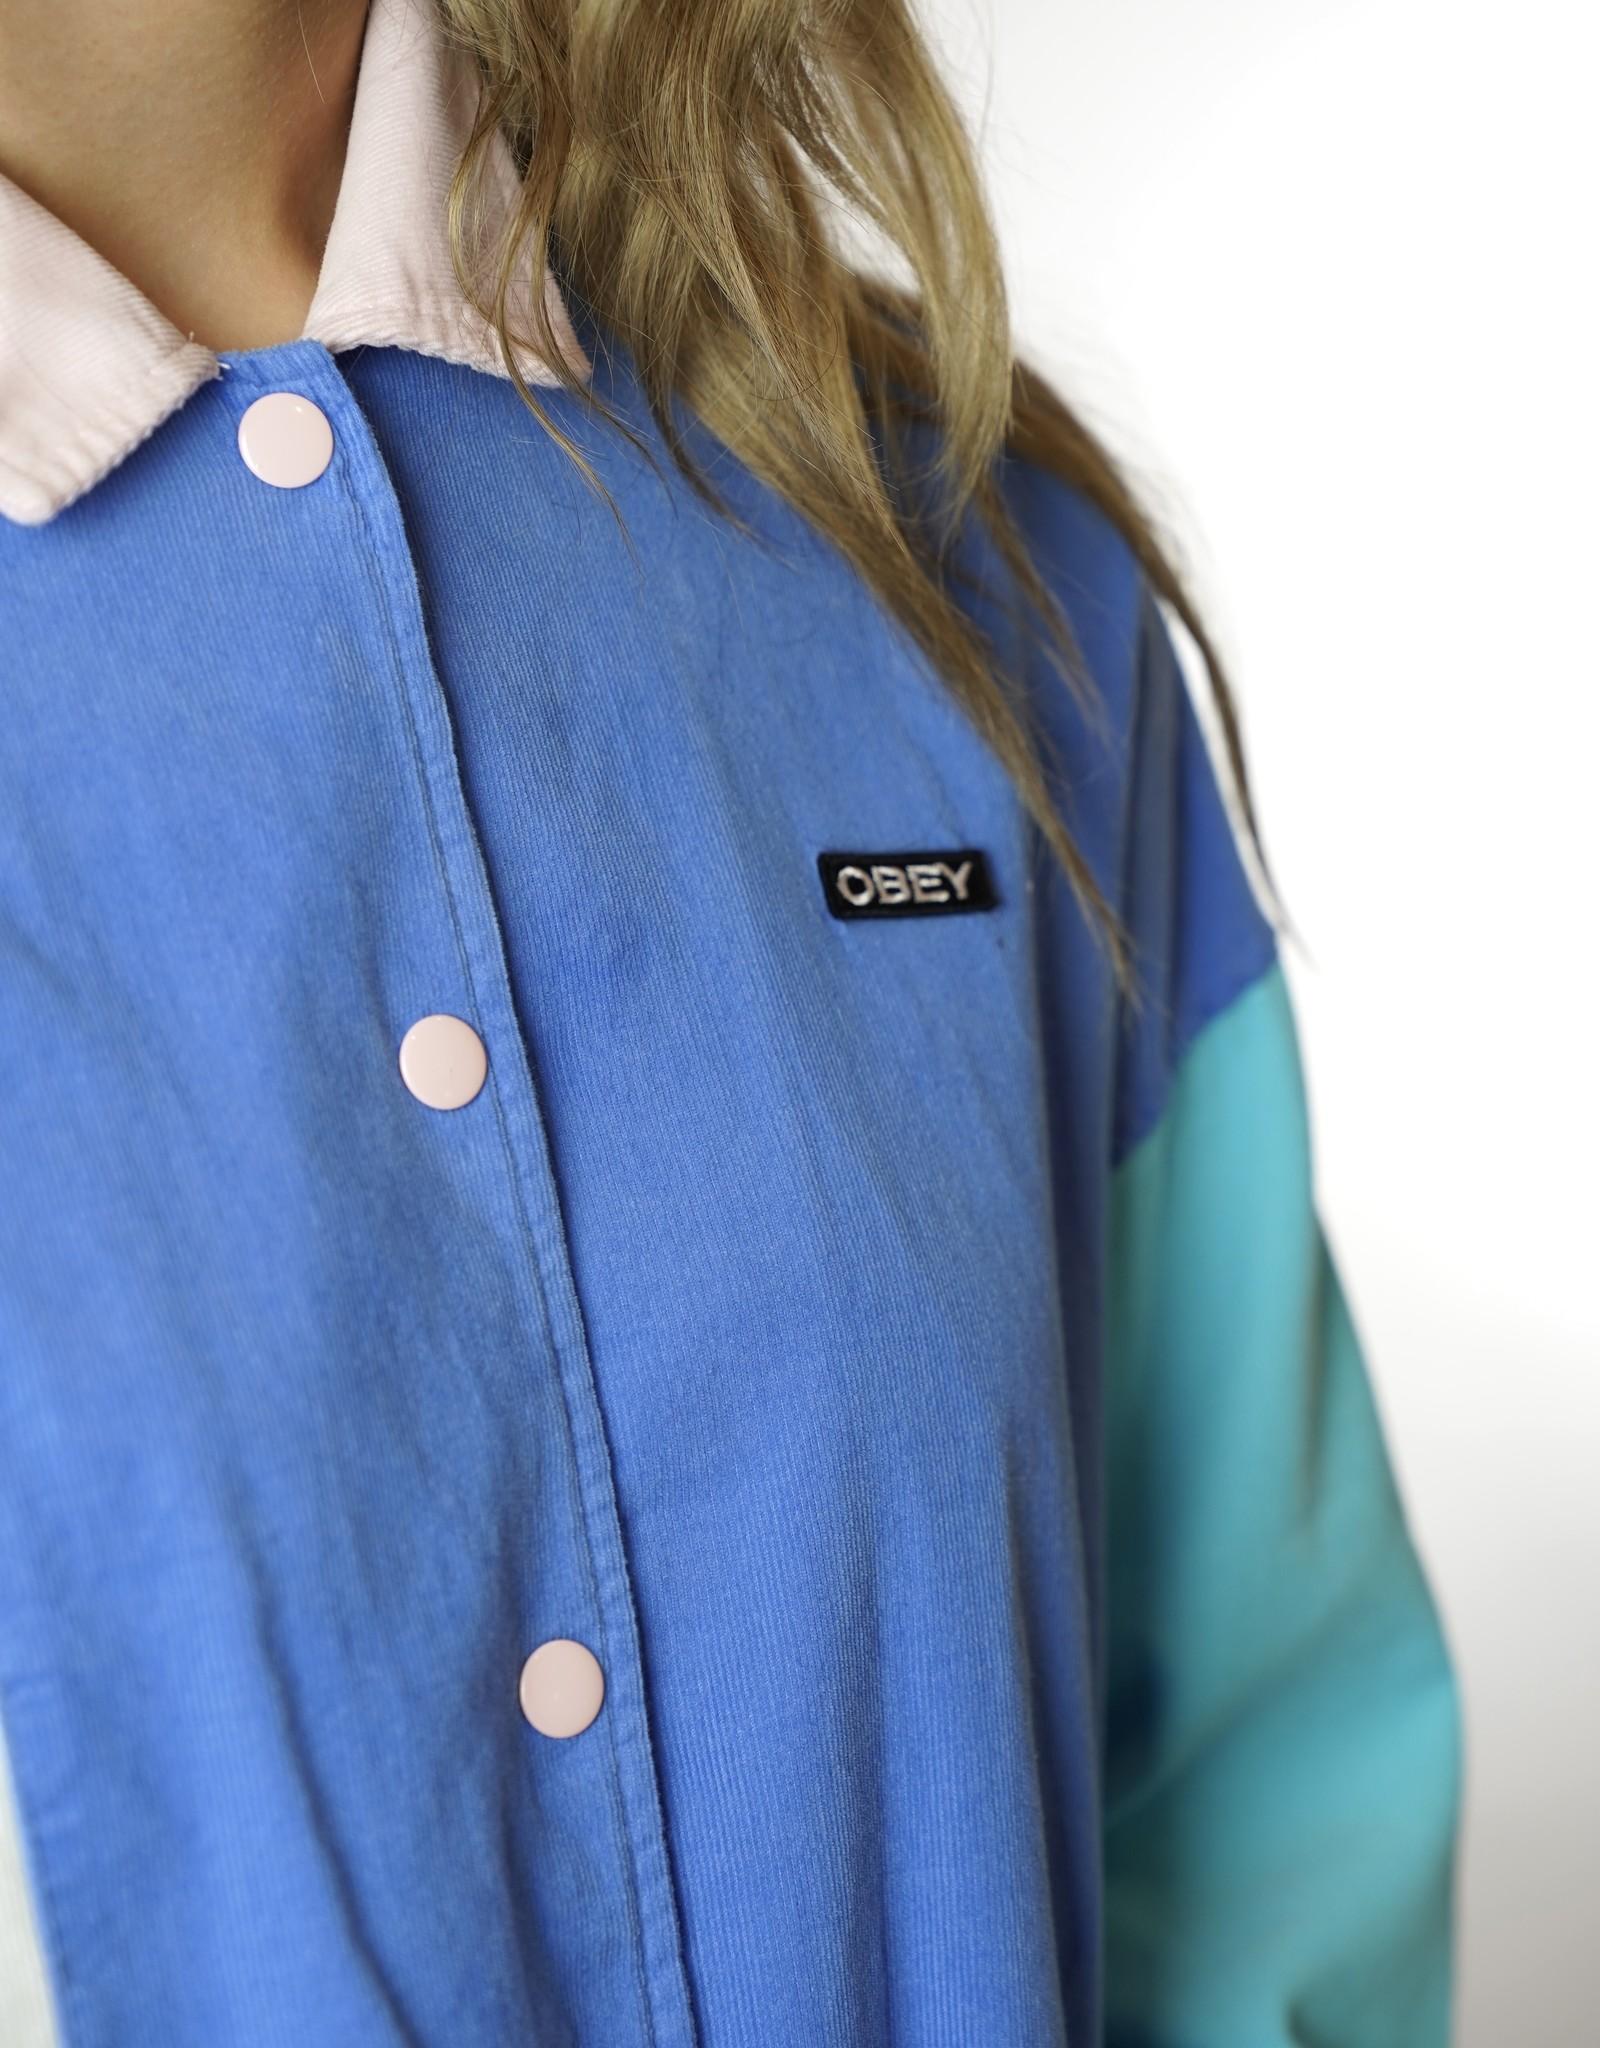 Obey Obey -Kei Jacket